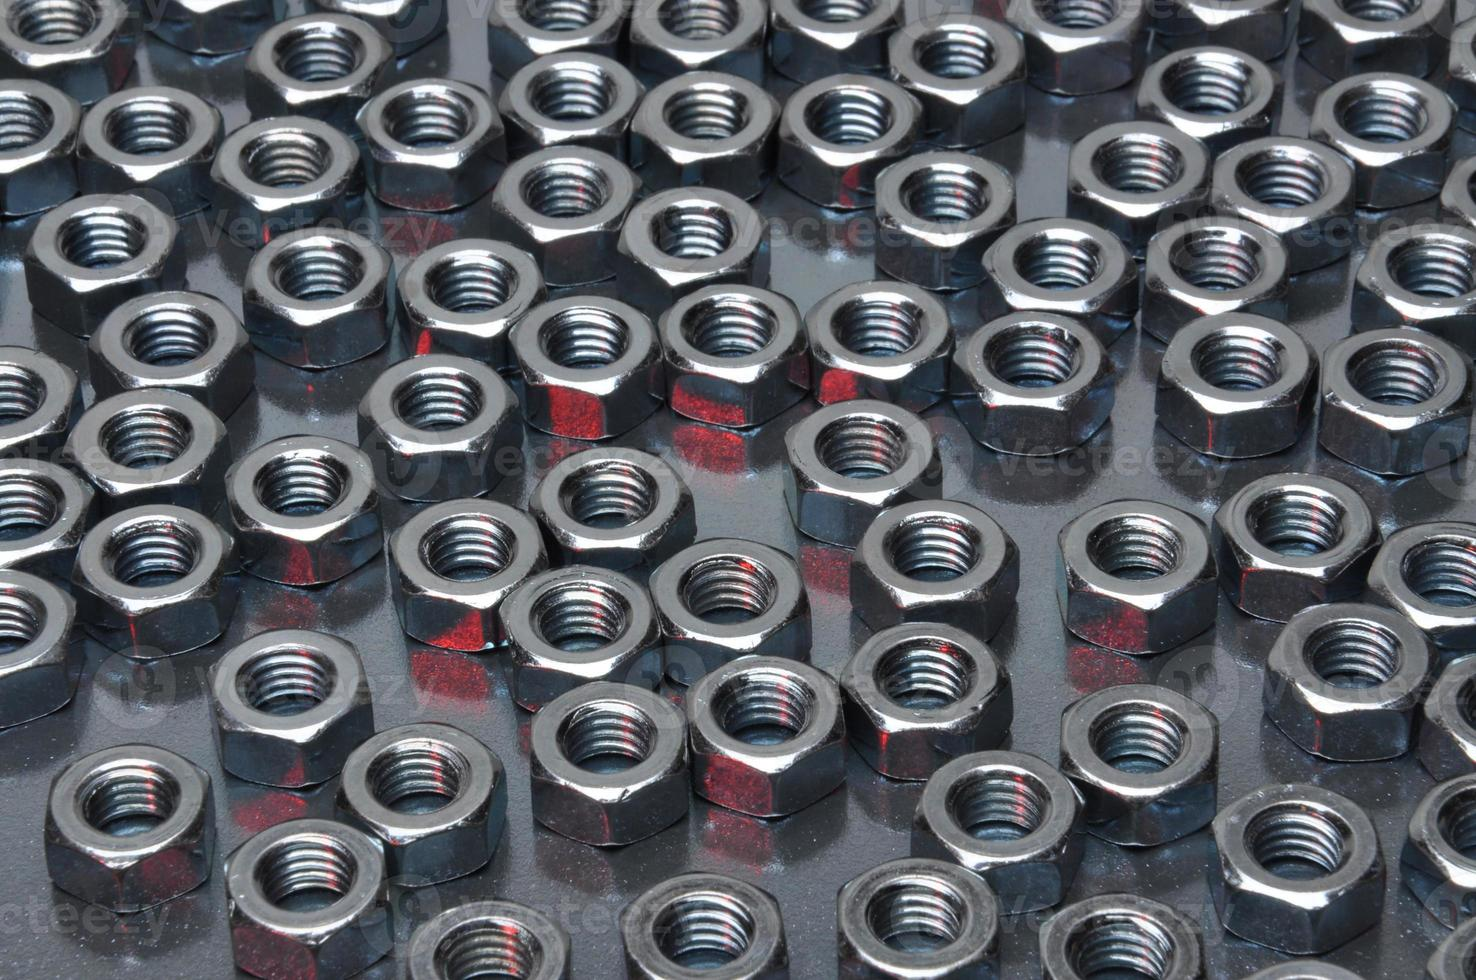 glänzende Metallmuttern auf einer Metalloberfläche foto